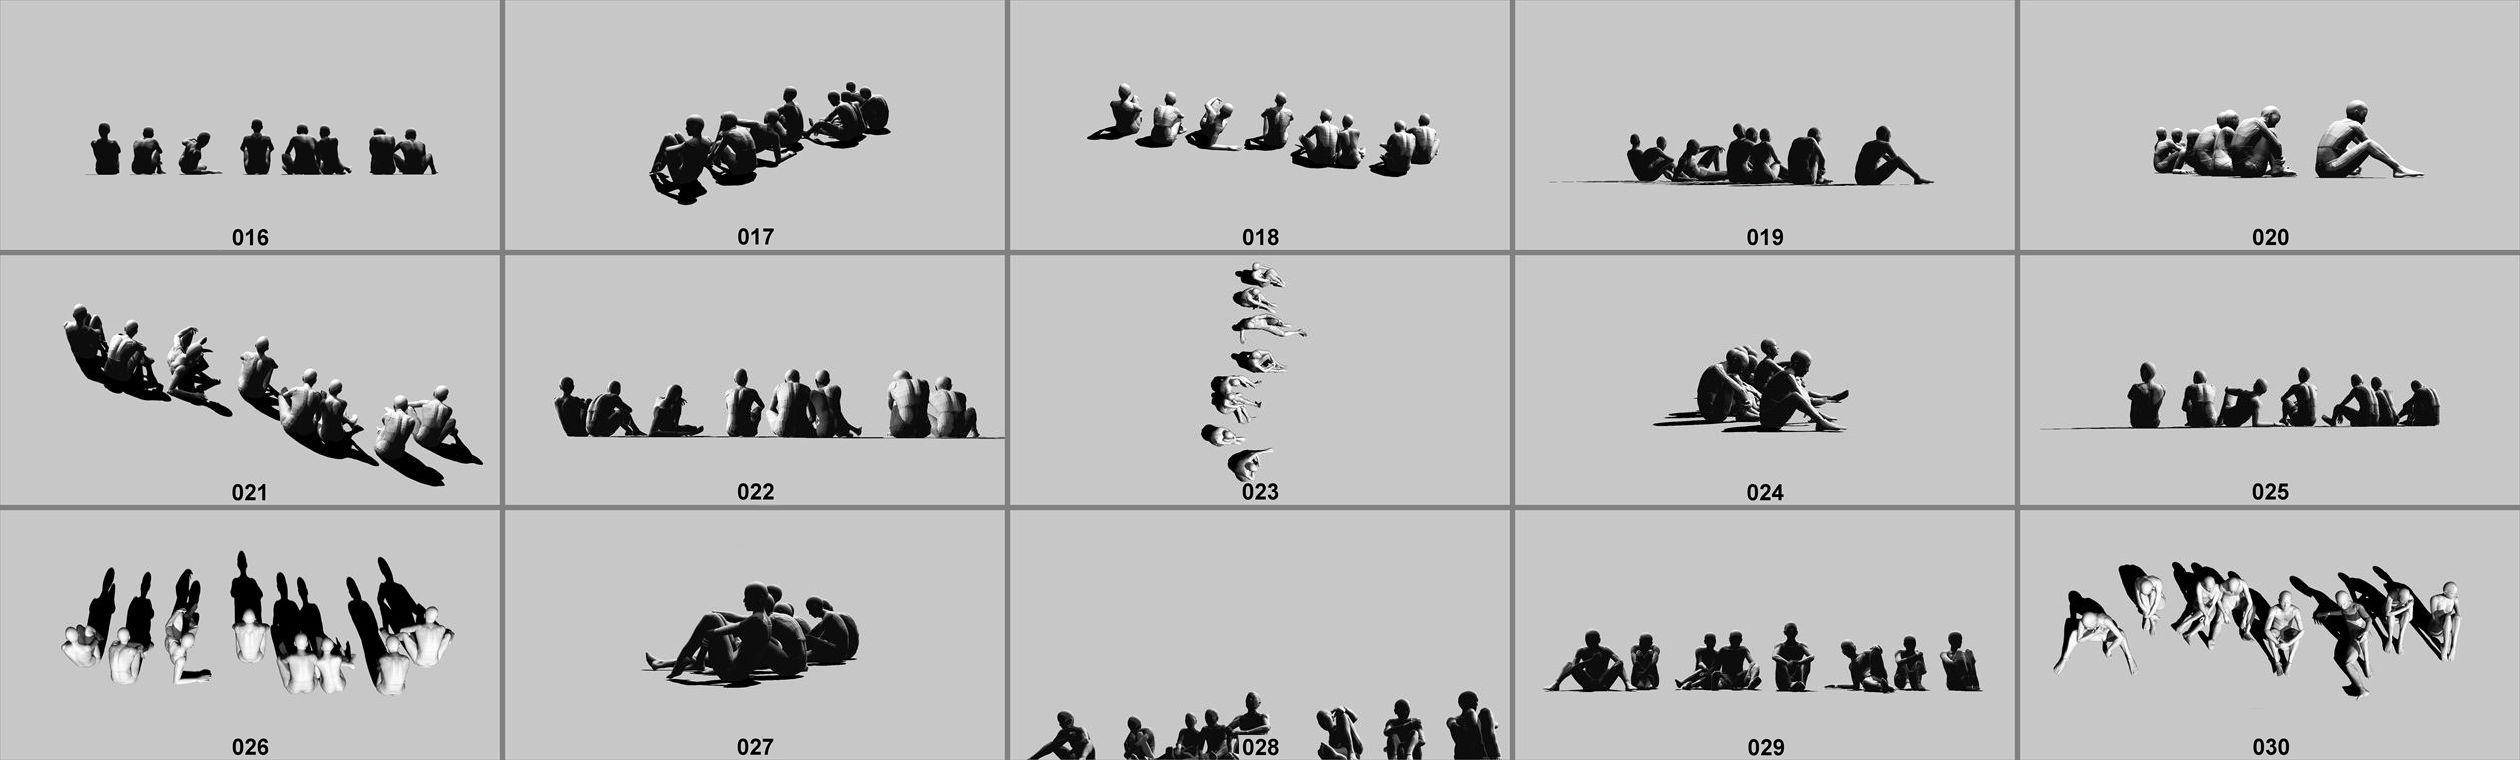 f:id:oosaji:20170524164026j:plain